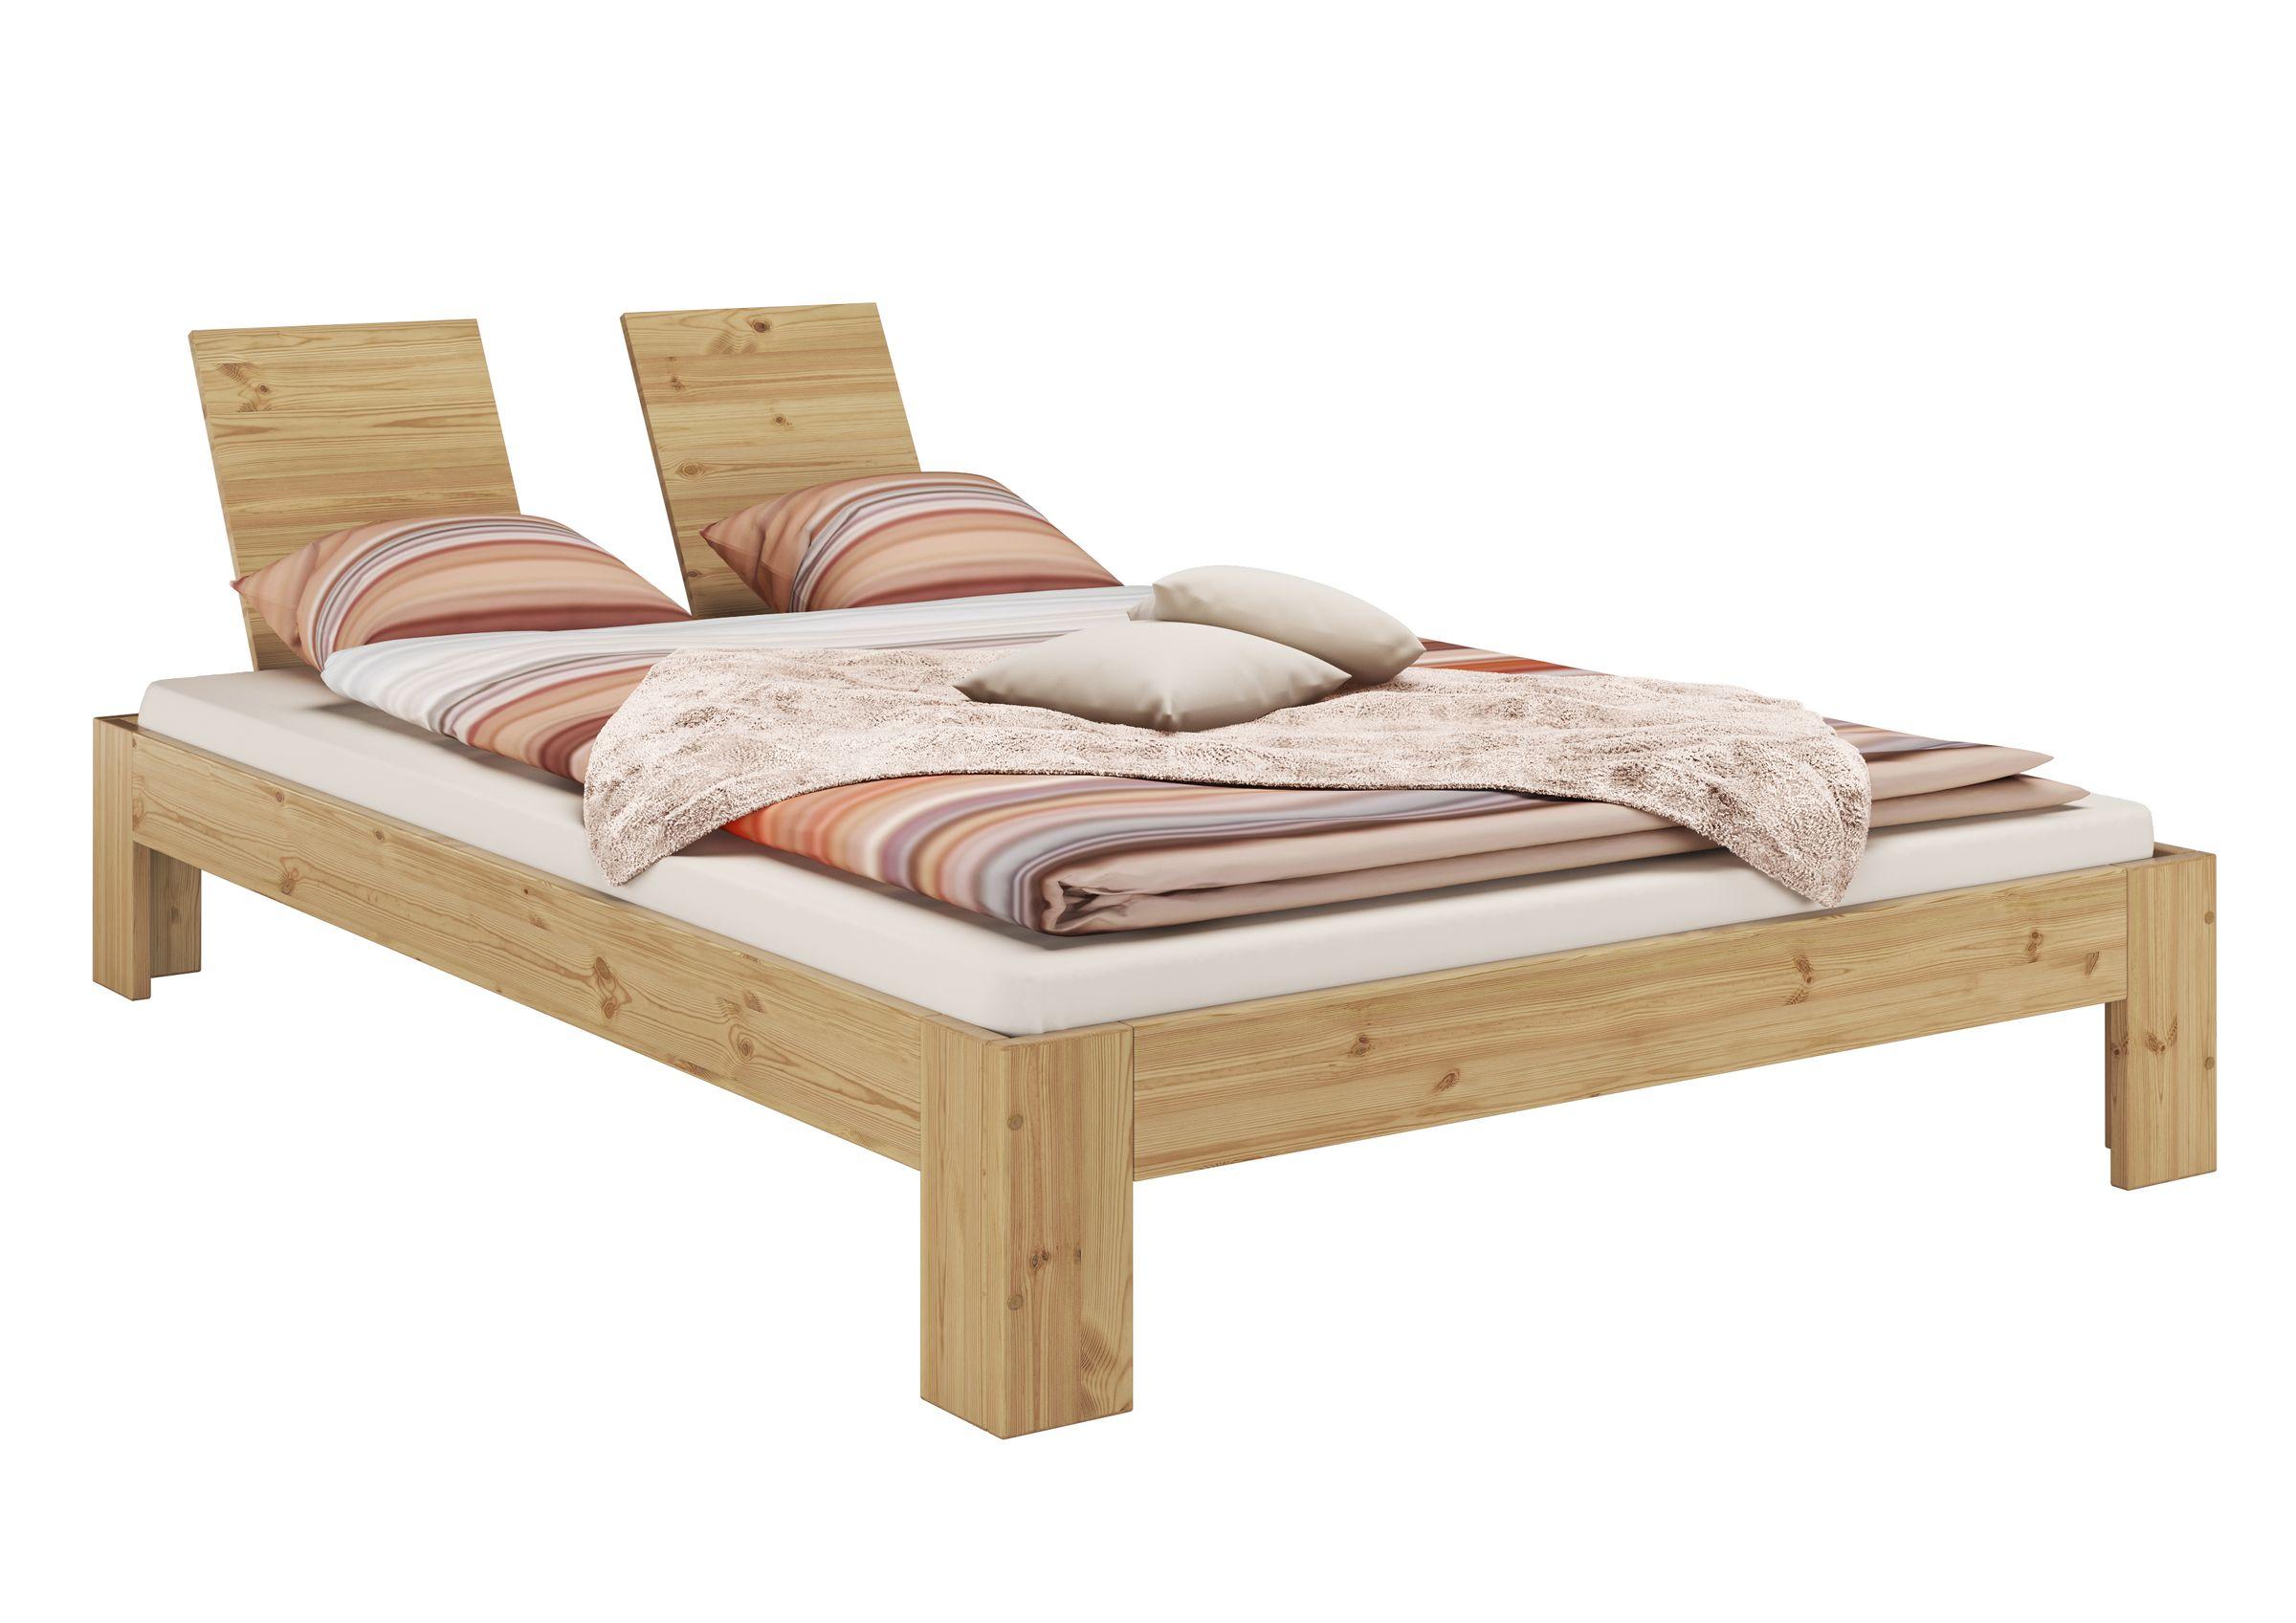 Französisches Bett 140x200 Kiefer Massivholz Natur